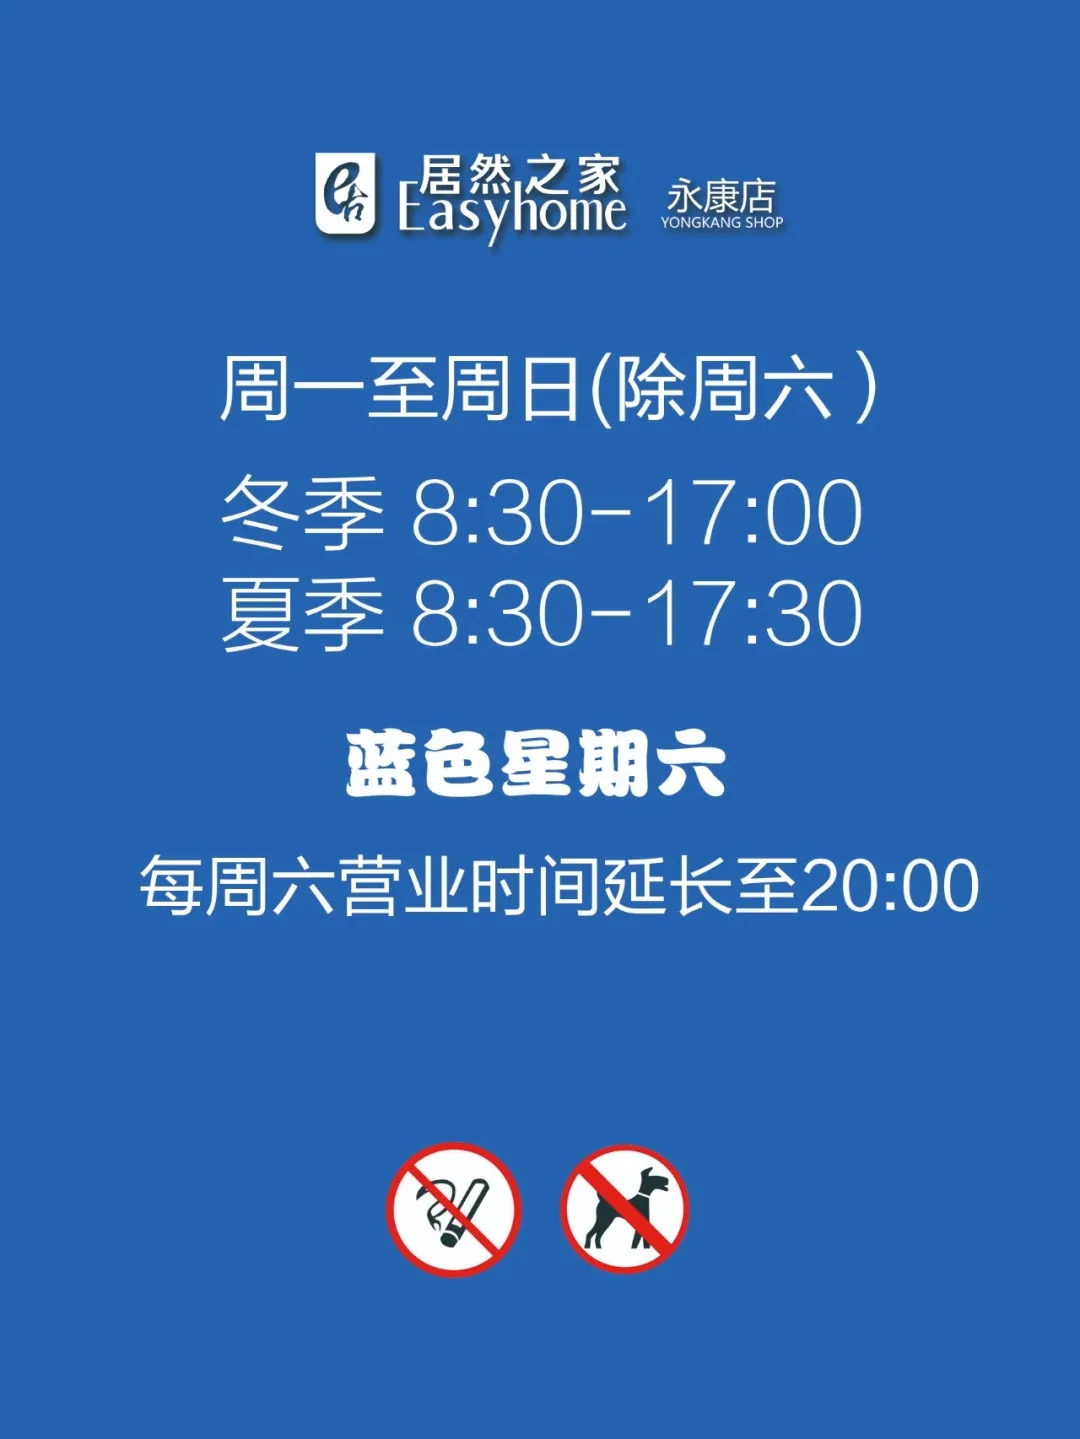 为便于广大顾客购物,每周六营业至20:00